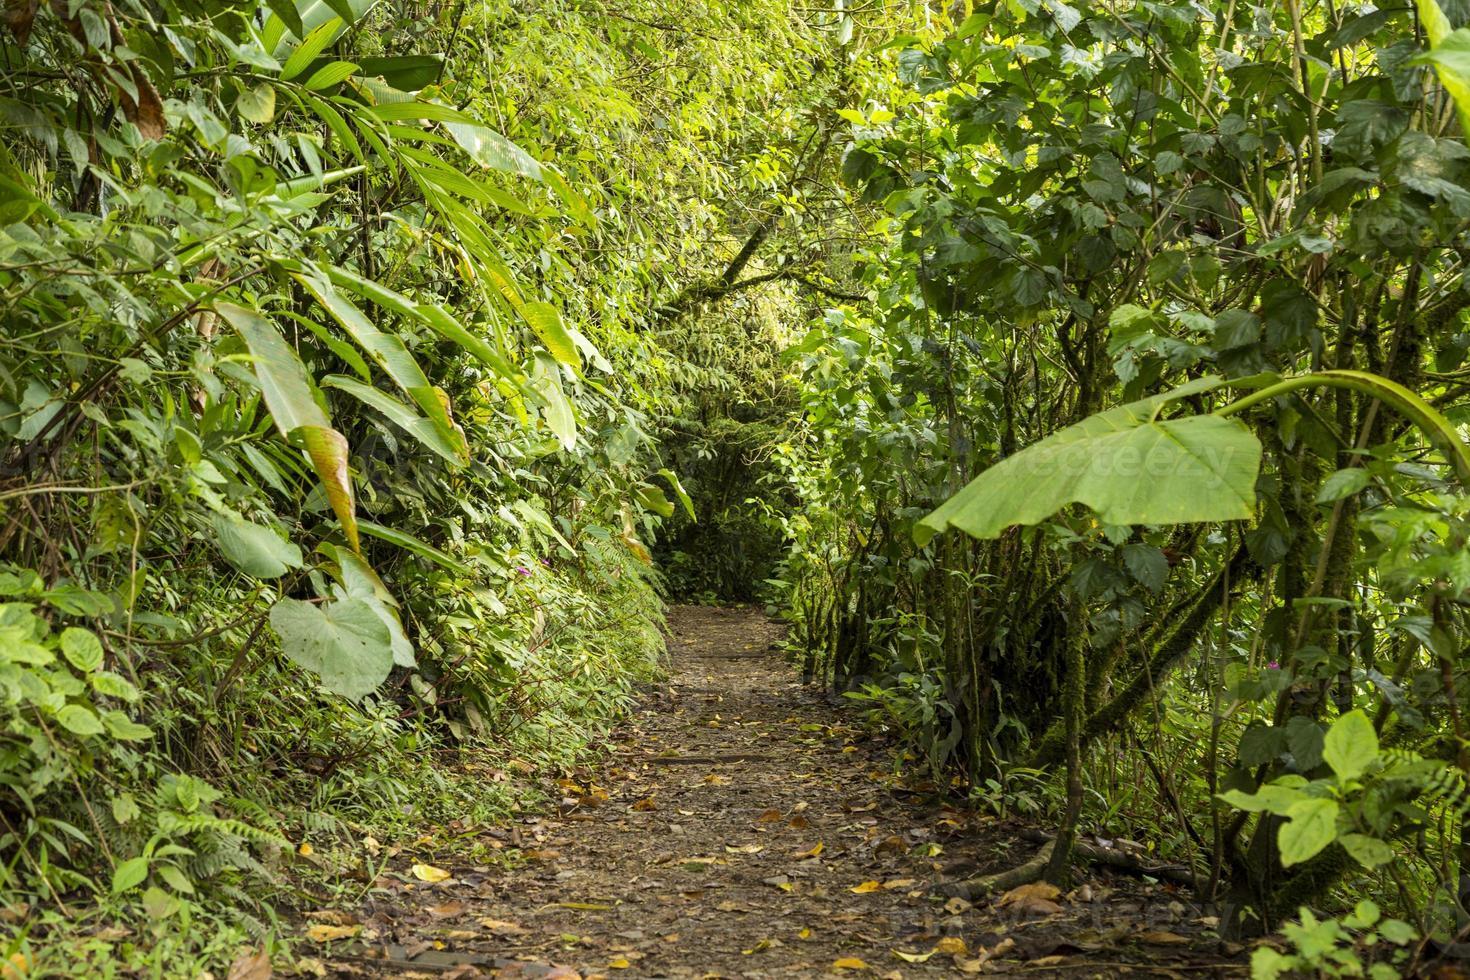 Voie vide avec des arbres verts dans la forêt tropicale photo